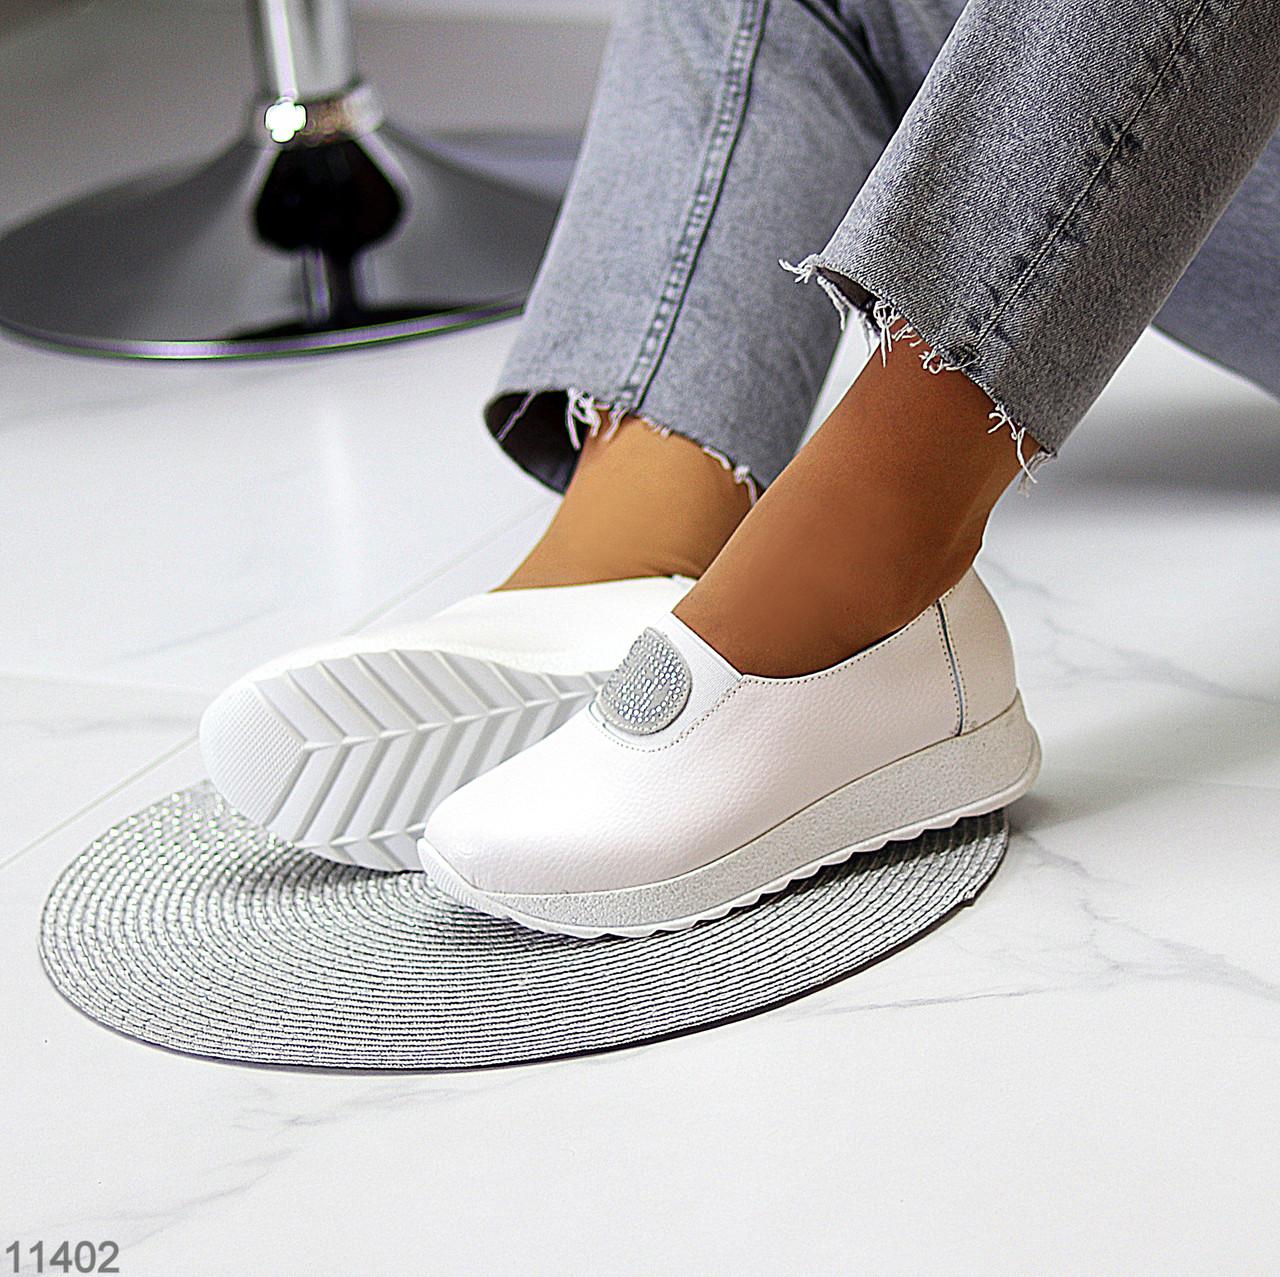 Жіночі мокасини /кросівки без шнурівки білі натуральна шкіра